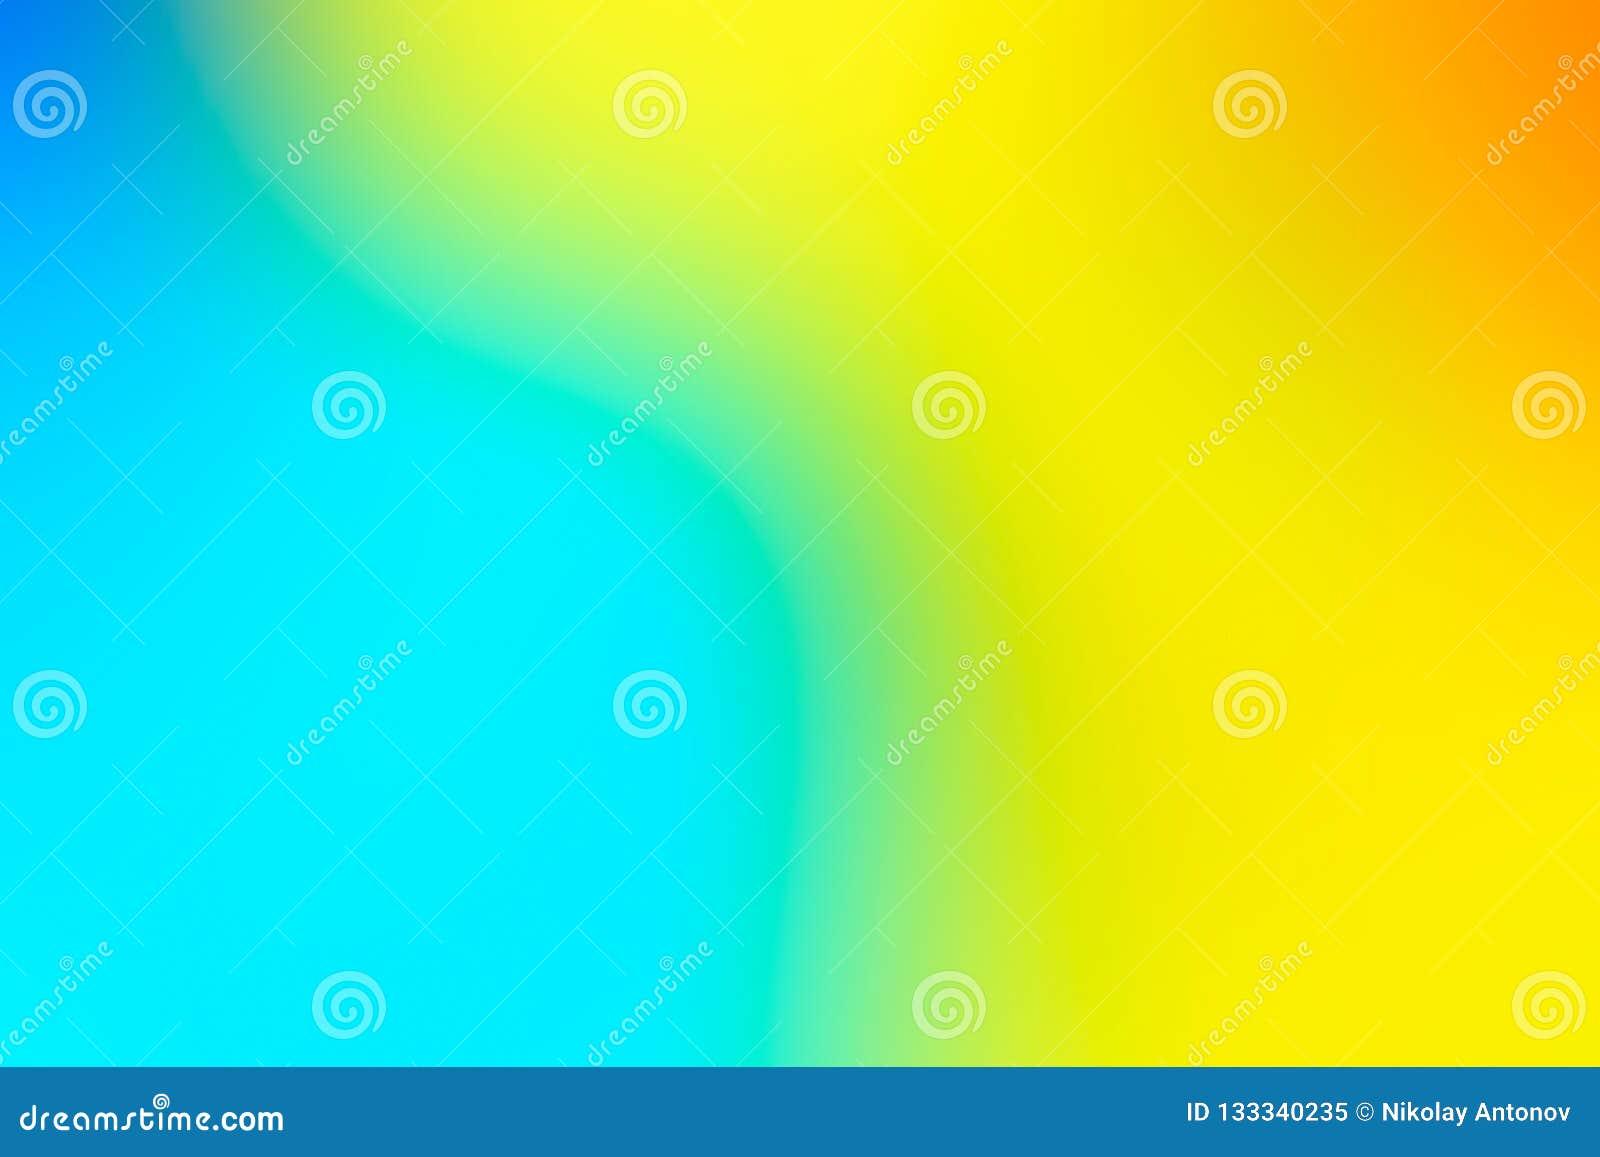 E r Fond jaune et bleu